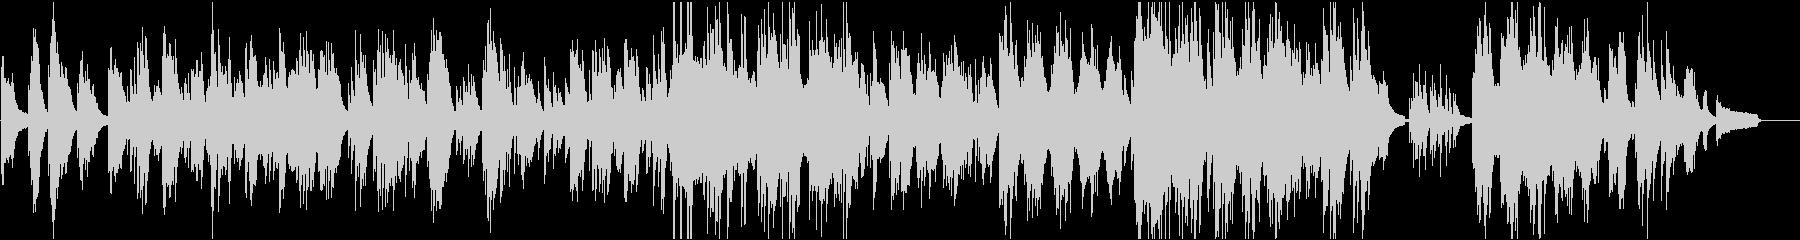 余韻のあるゆったりとしたピアノソロの未再生の波形